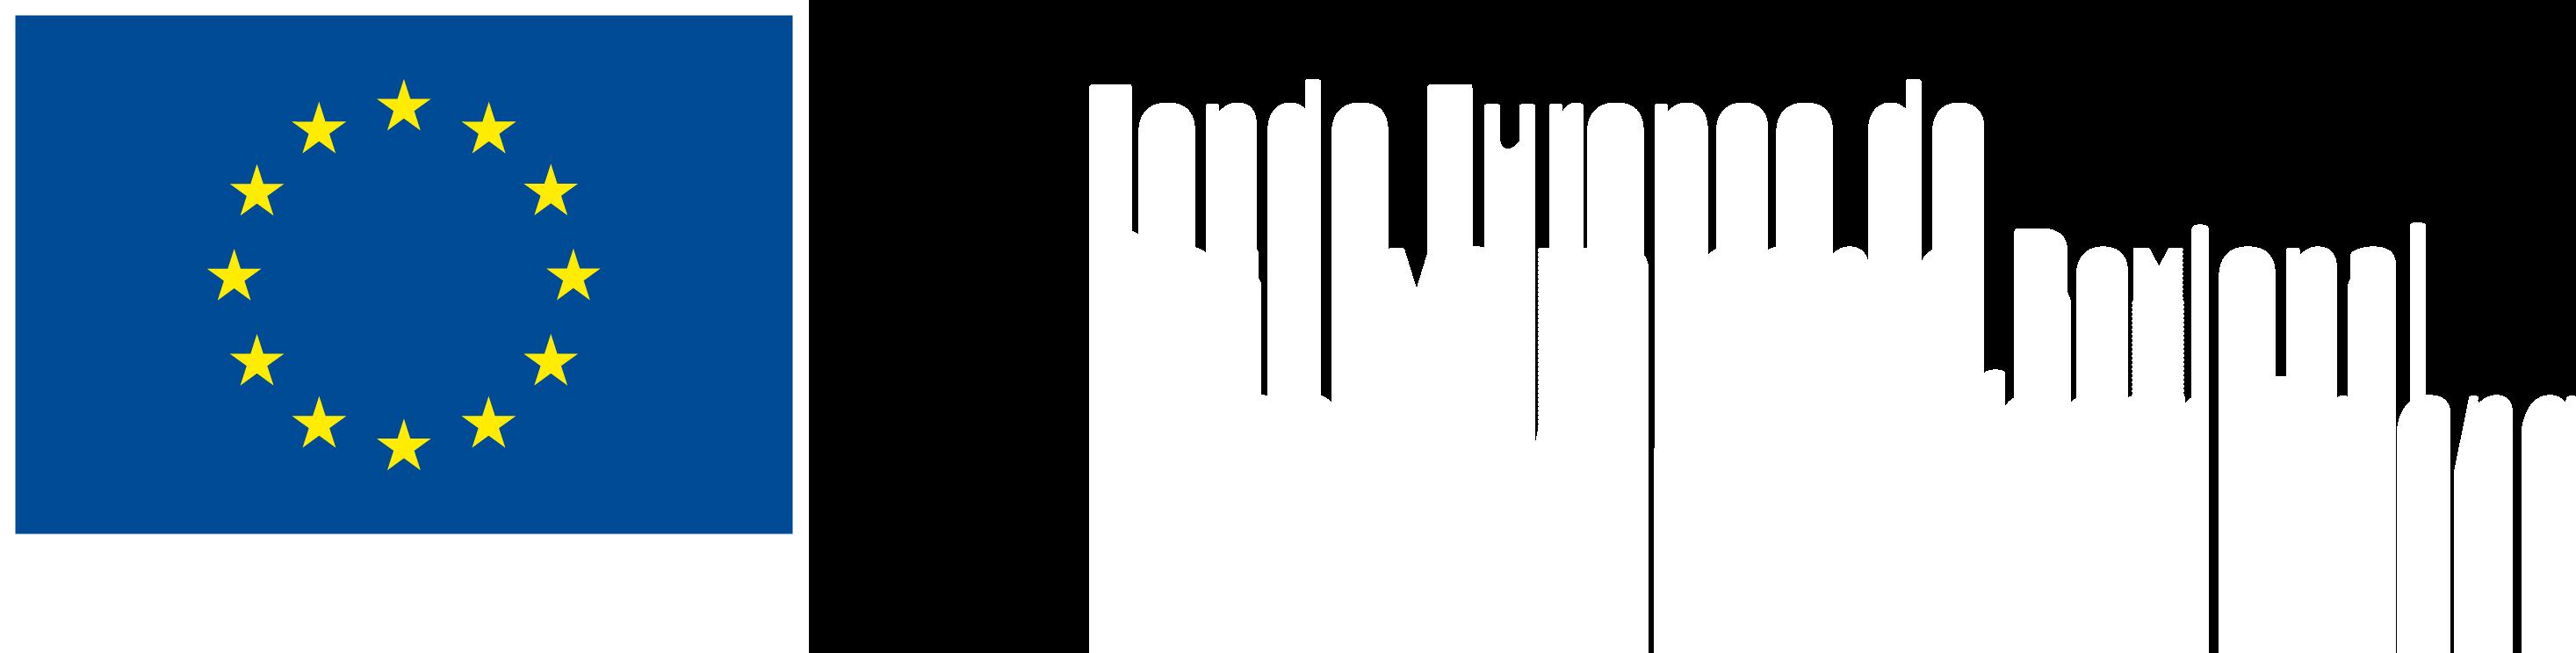 Cofinanciado polo Fondo Europeo de Desenvolvemento Rexional